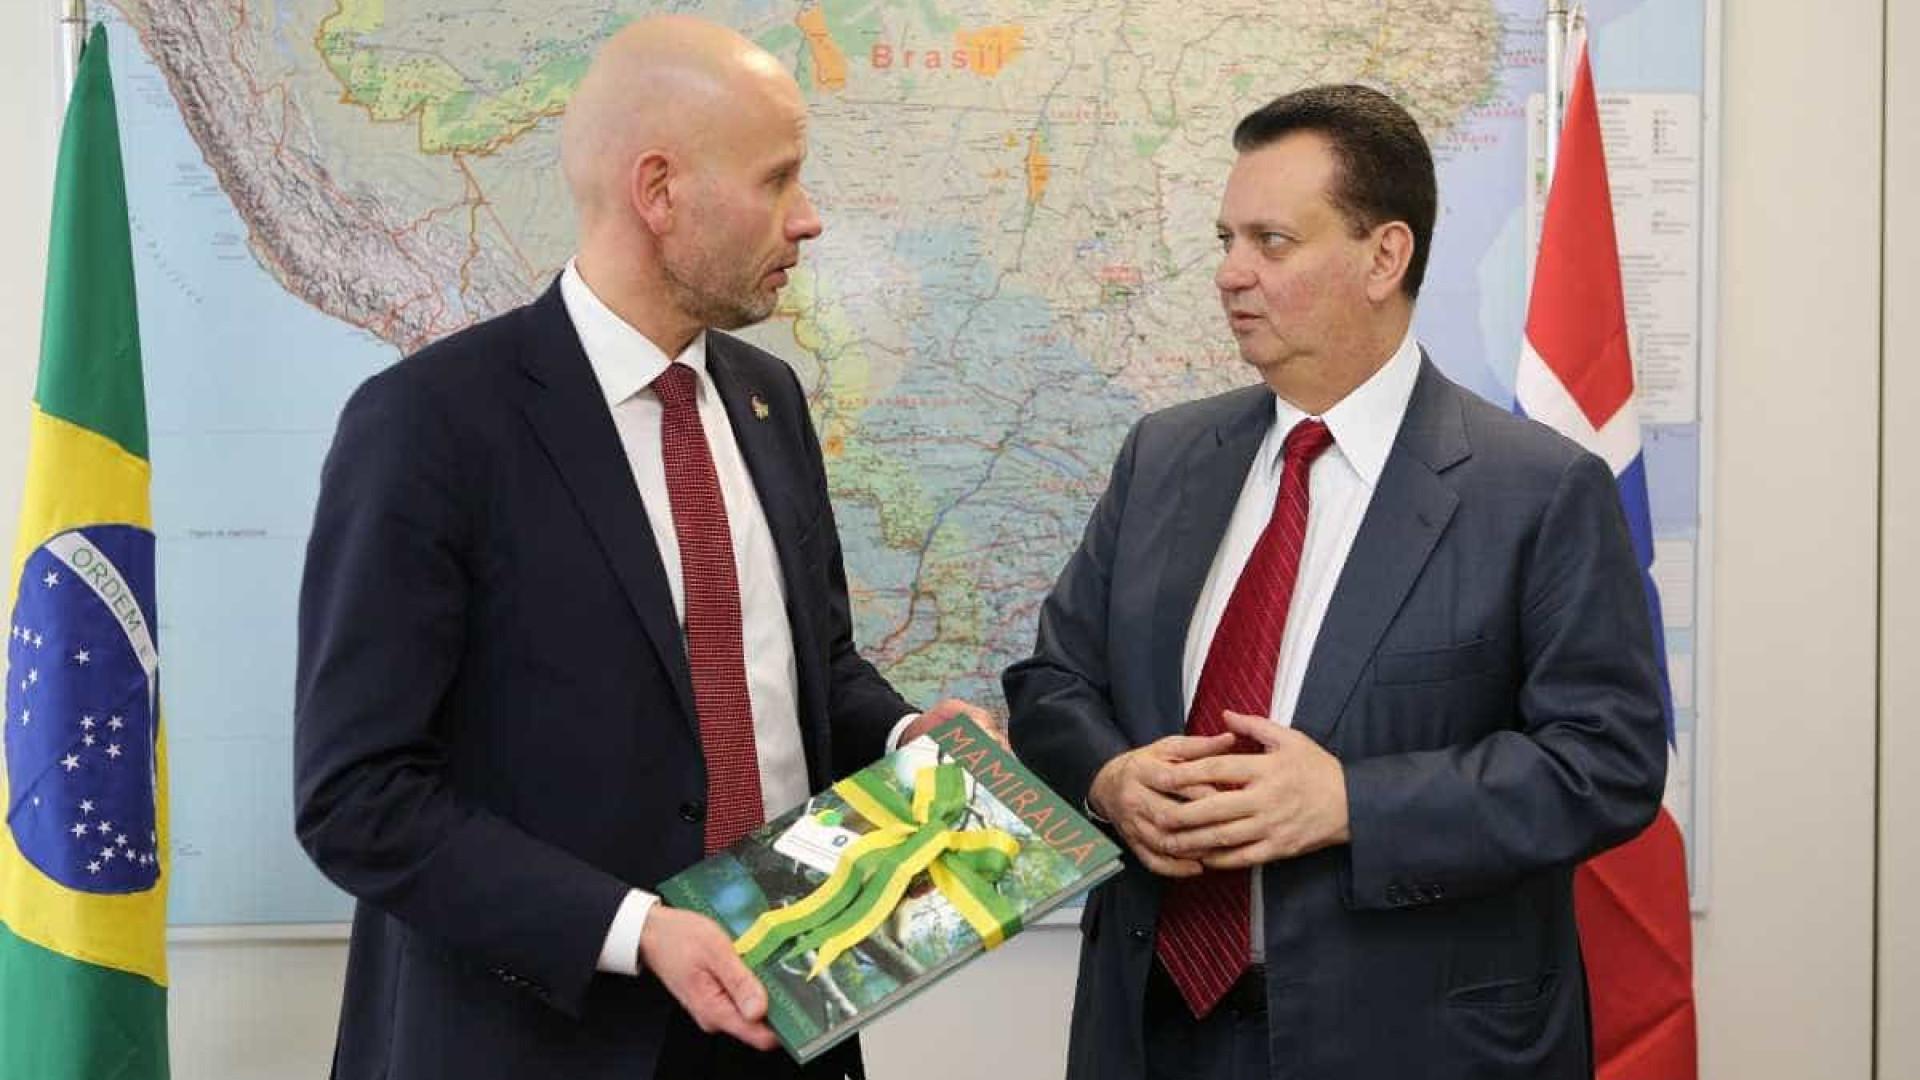 Brasil e Noruega intensificam acordo em petróleo e gás